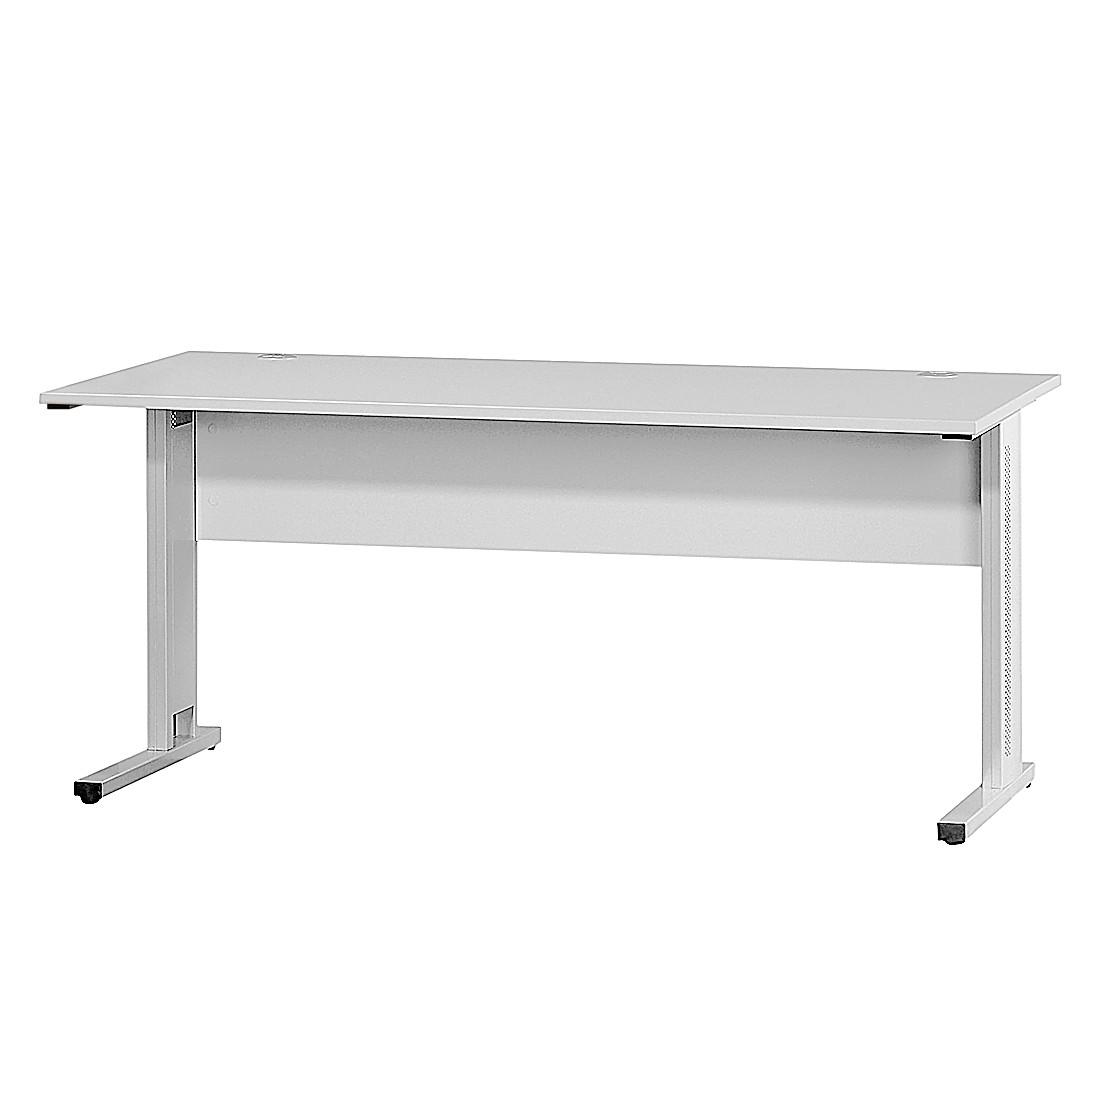 Schreibtisch Techno Speed I – Grau – 160 x 80 cm, röhr günstig bestellen